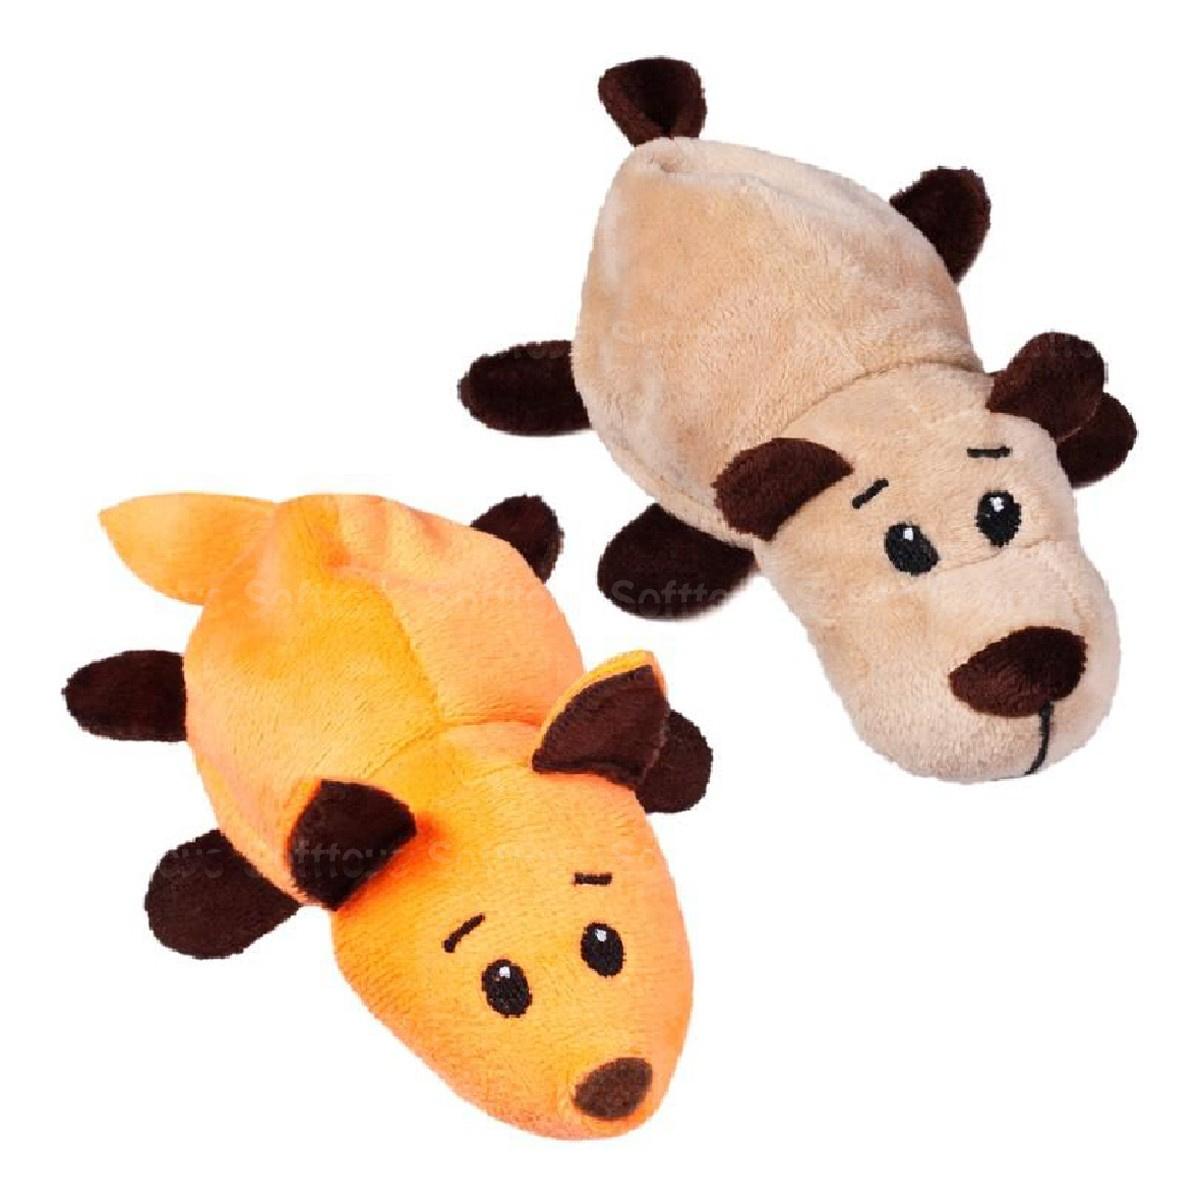 Мягкая игрушка-перевертыш лисичка-мишка 14 см